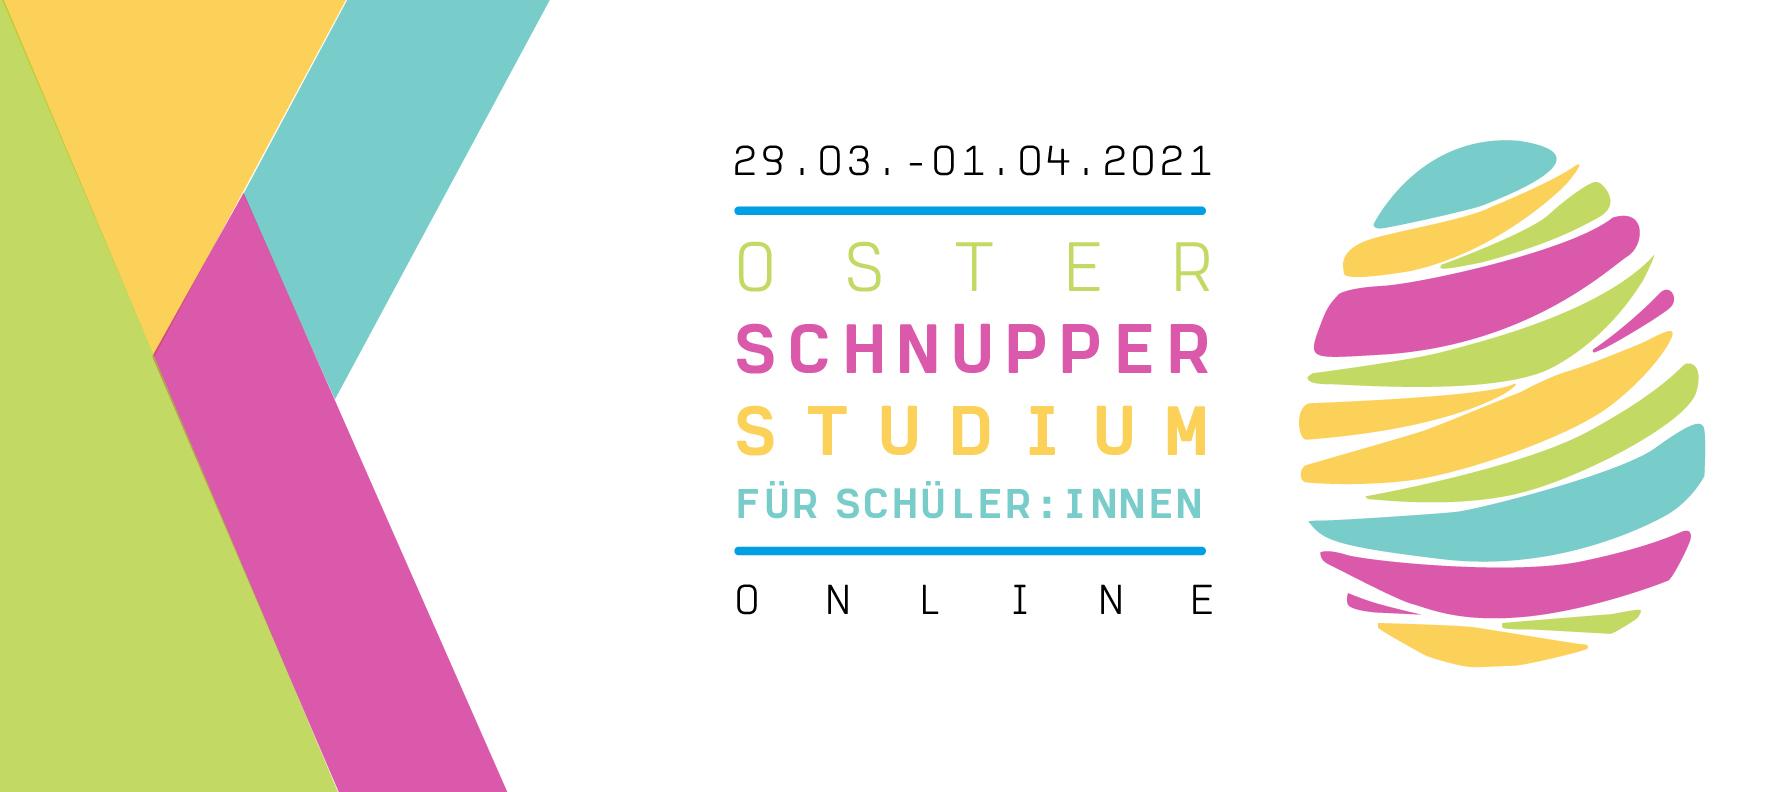 Oster-Schnupper-Studium 2021